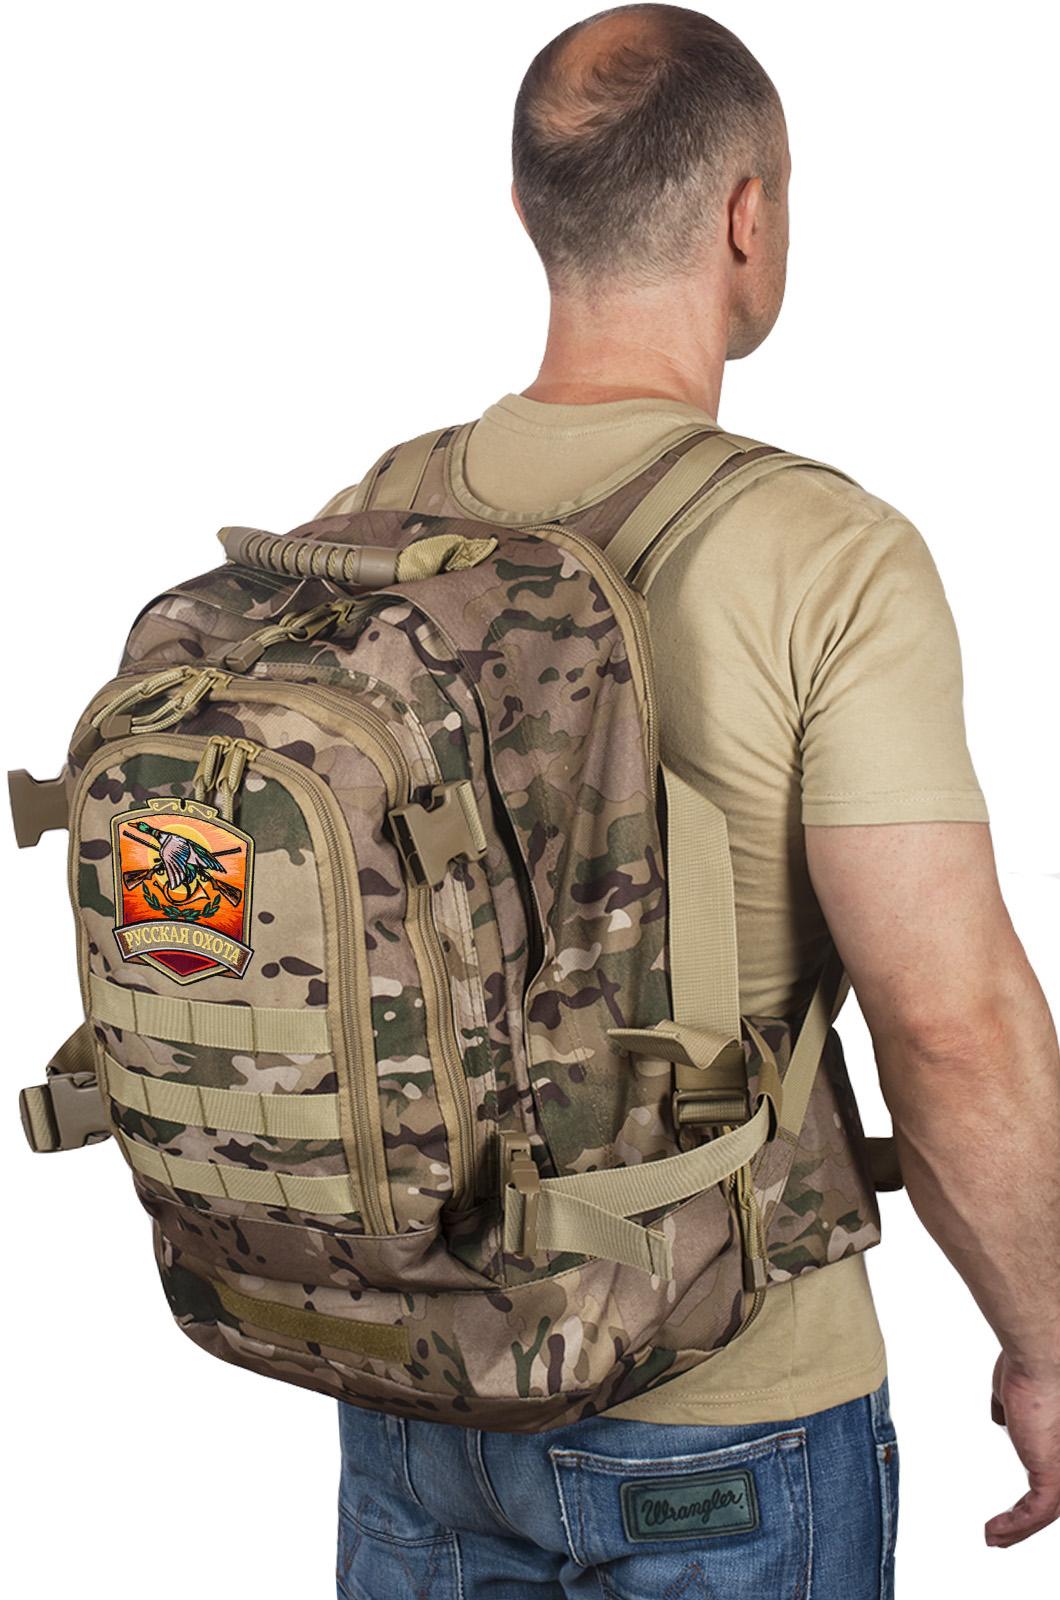 Мужской камуфляжный рюкзак с нашивкой Русская Охота - купить с доставкой